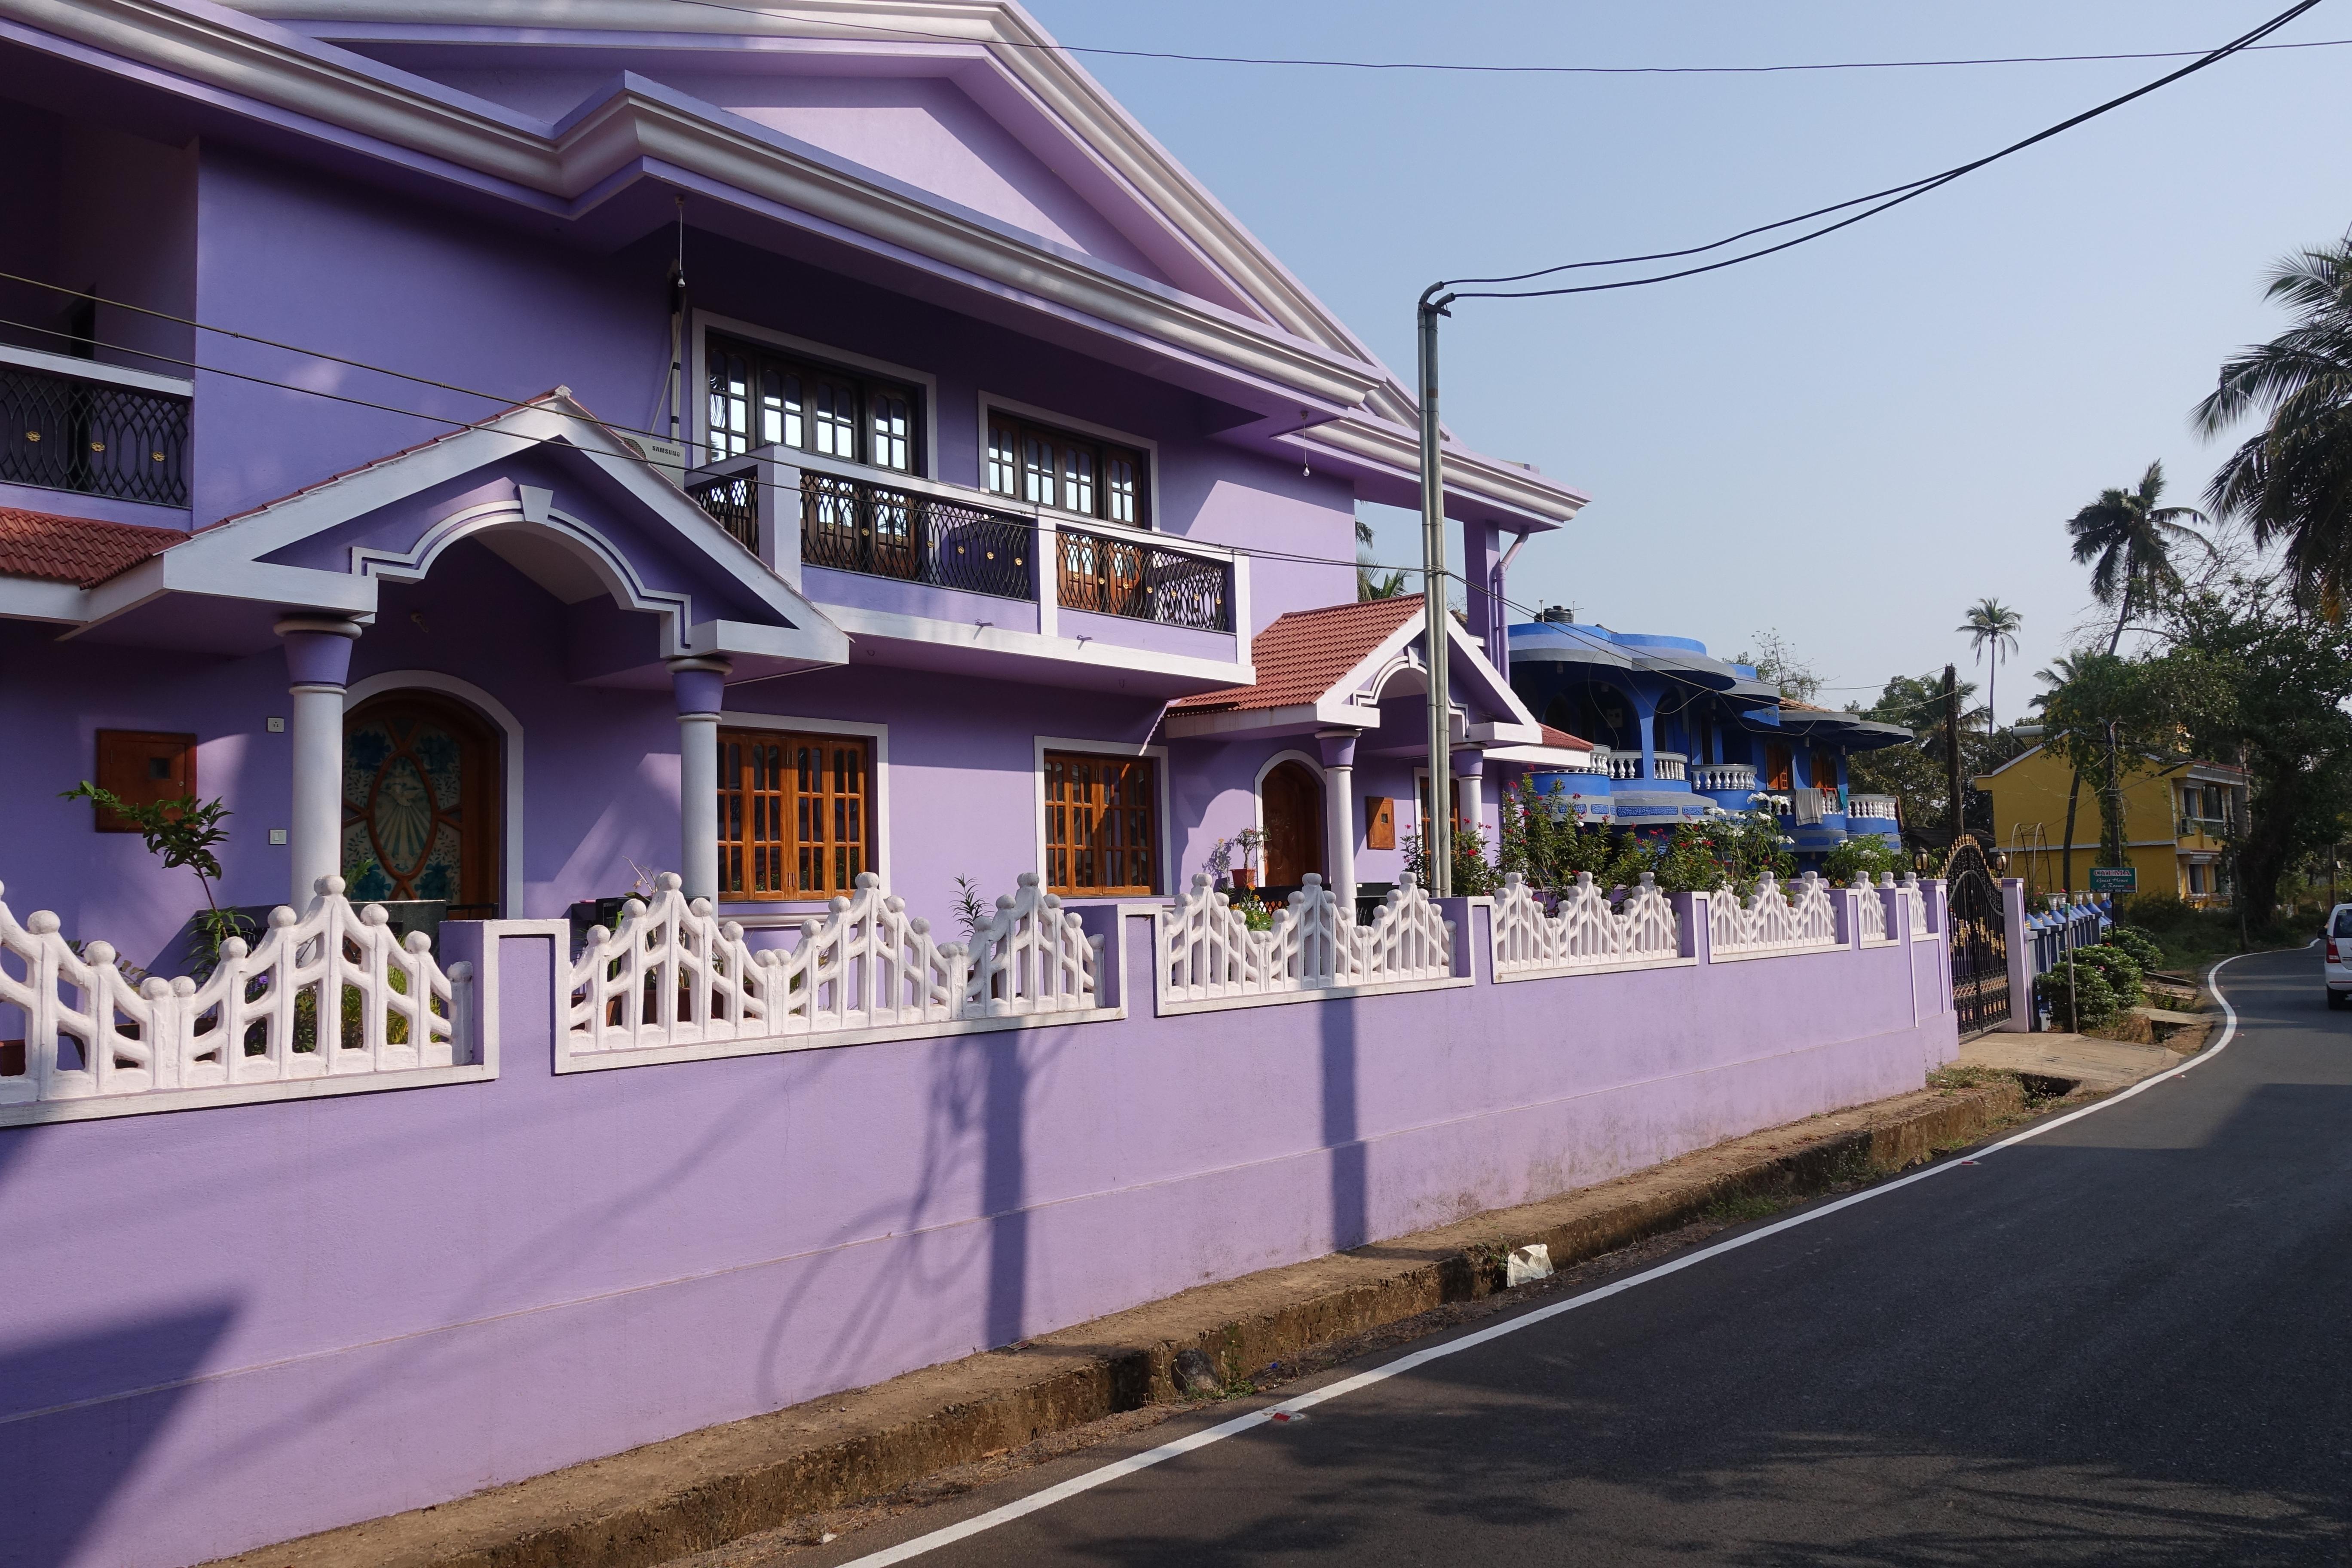 Houses in Varca village by Juliamaud